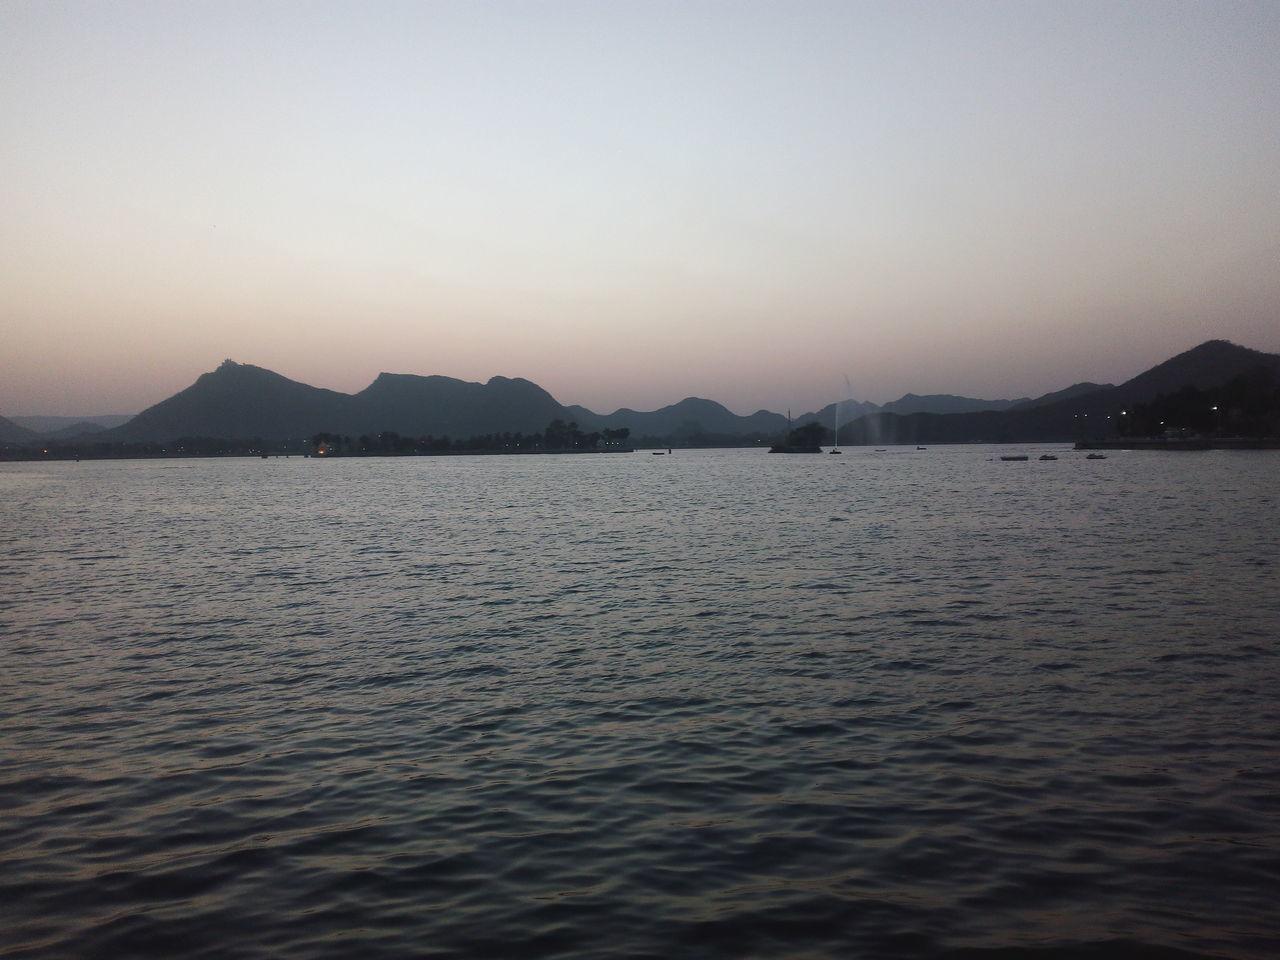 Evening @ Fatehsagarlake Fatehsagar Rajasthan Lake Sunset Light WaterfrontWater Mountain Aravali Range Aravalli Mountain Range Aravali Sky